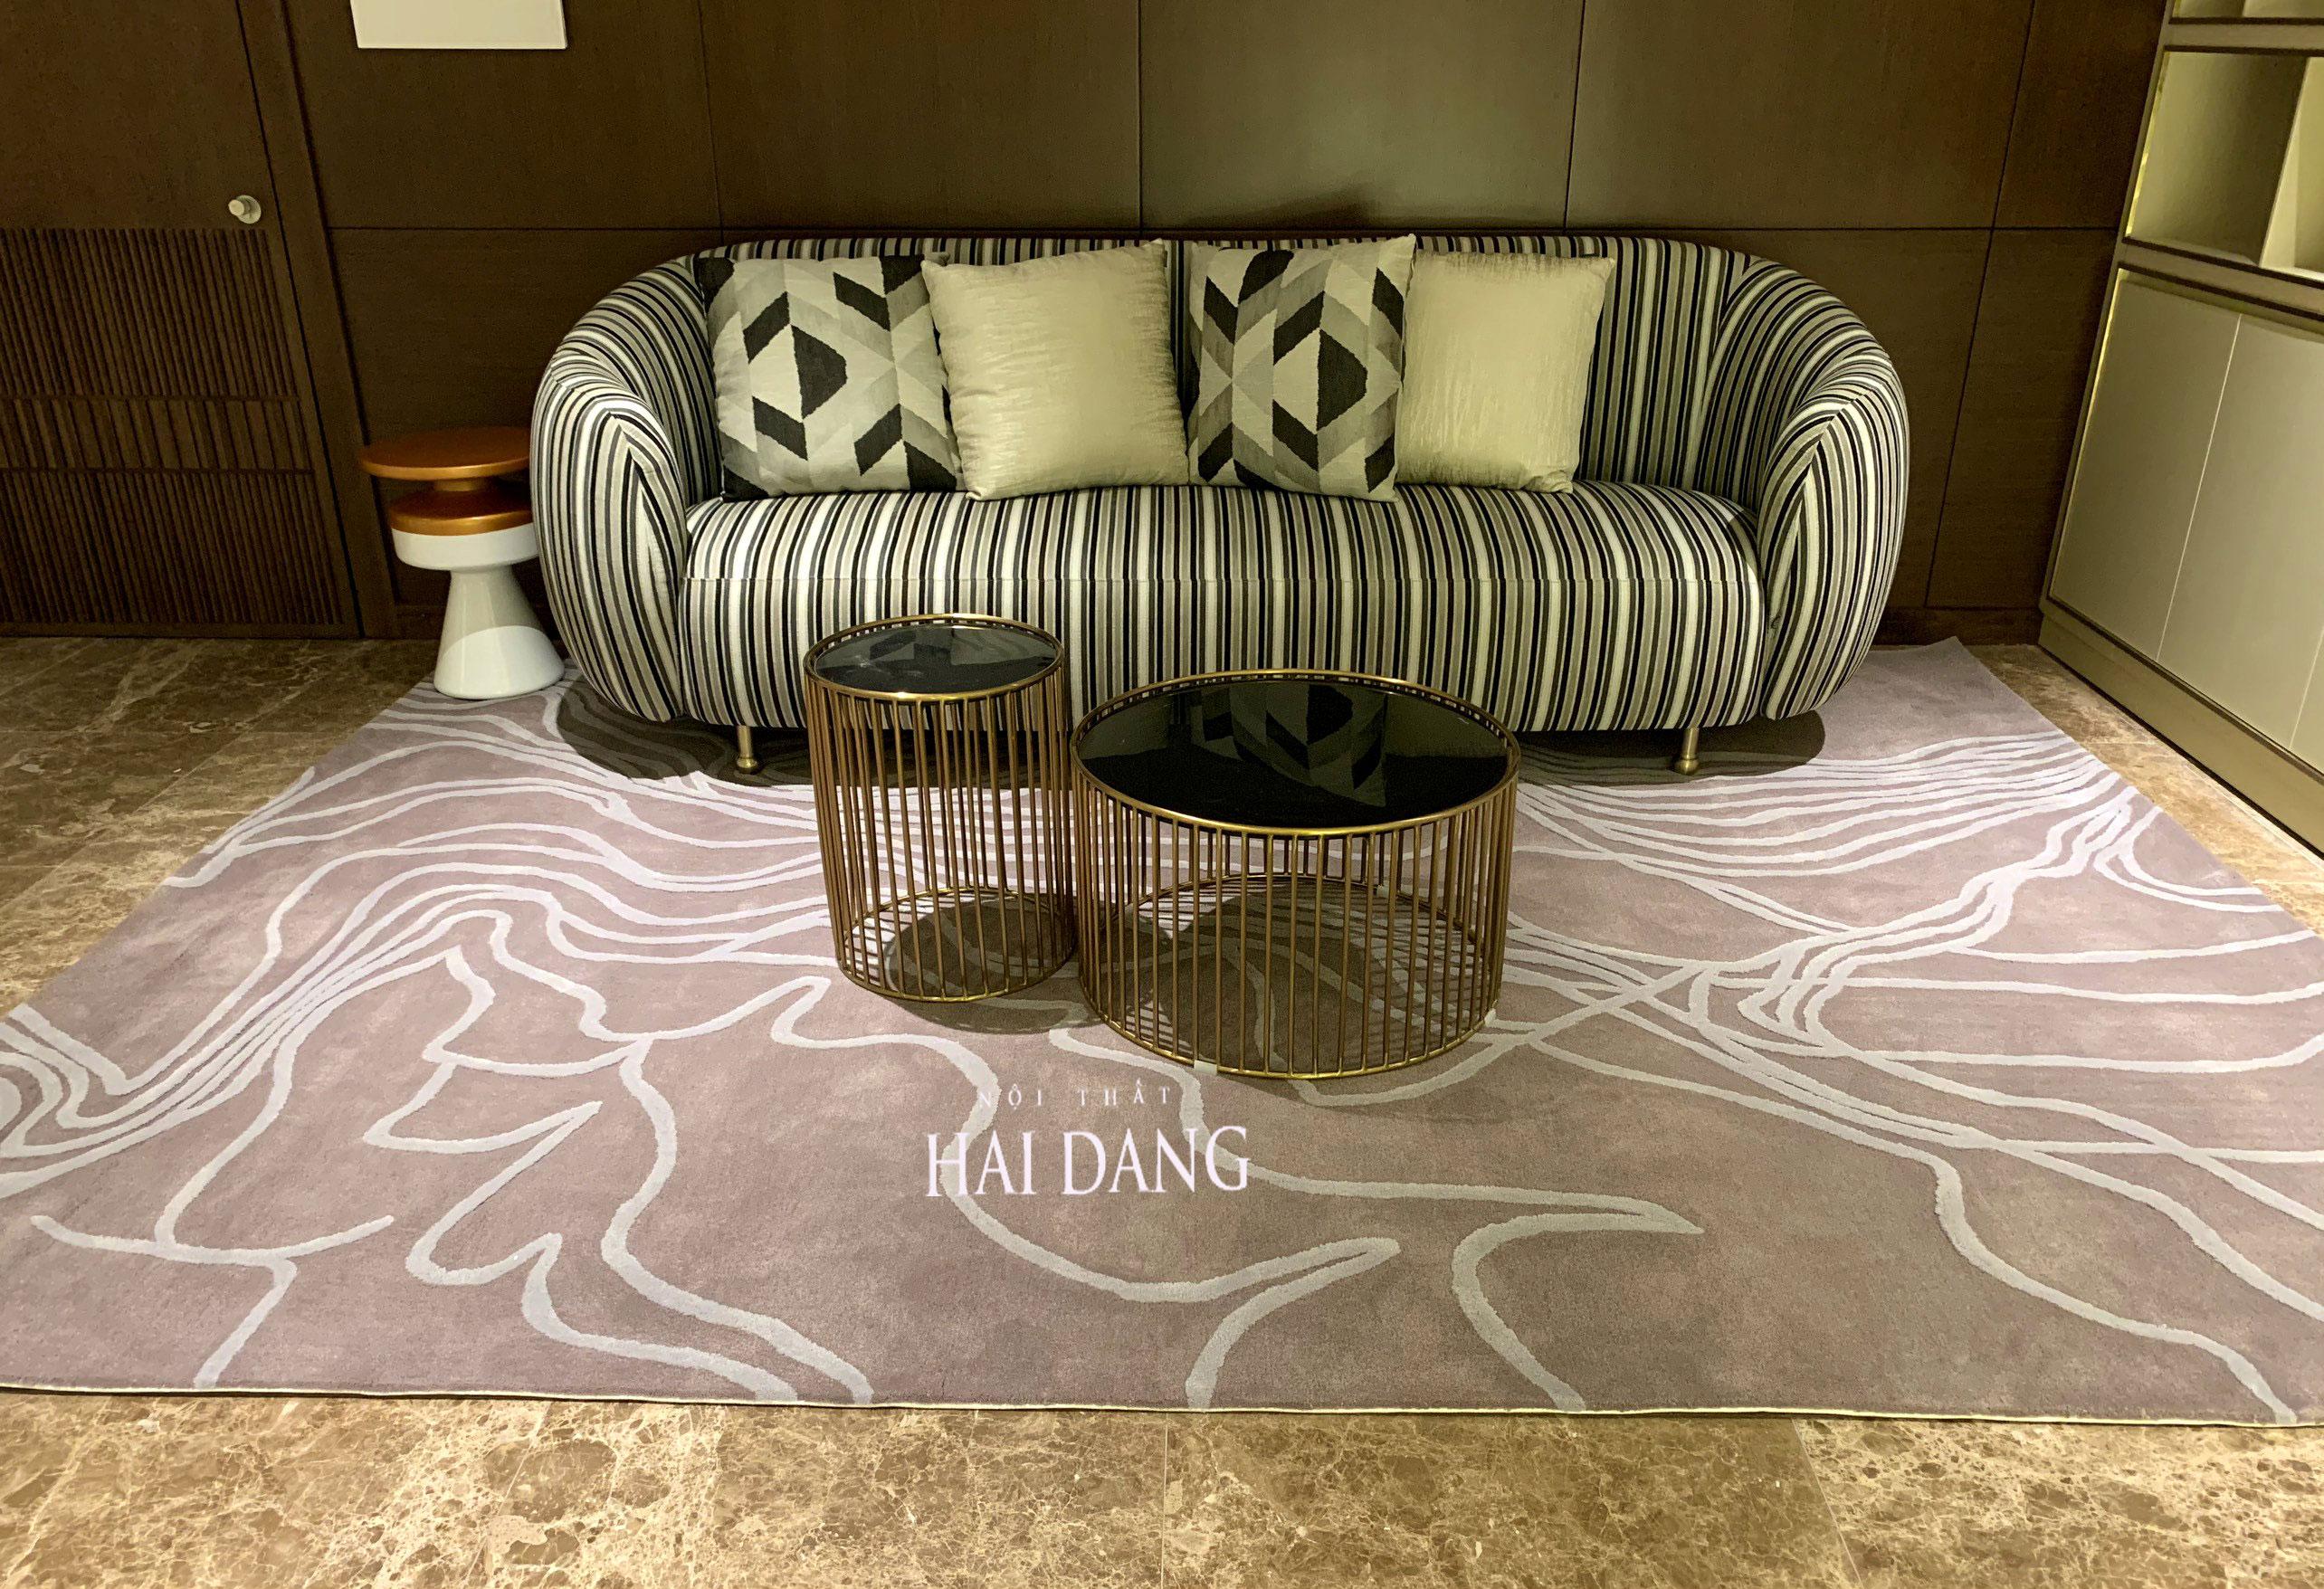 5 xu hướng trang trí phòng khách nổi bật nhất năm 2021